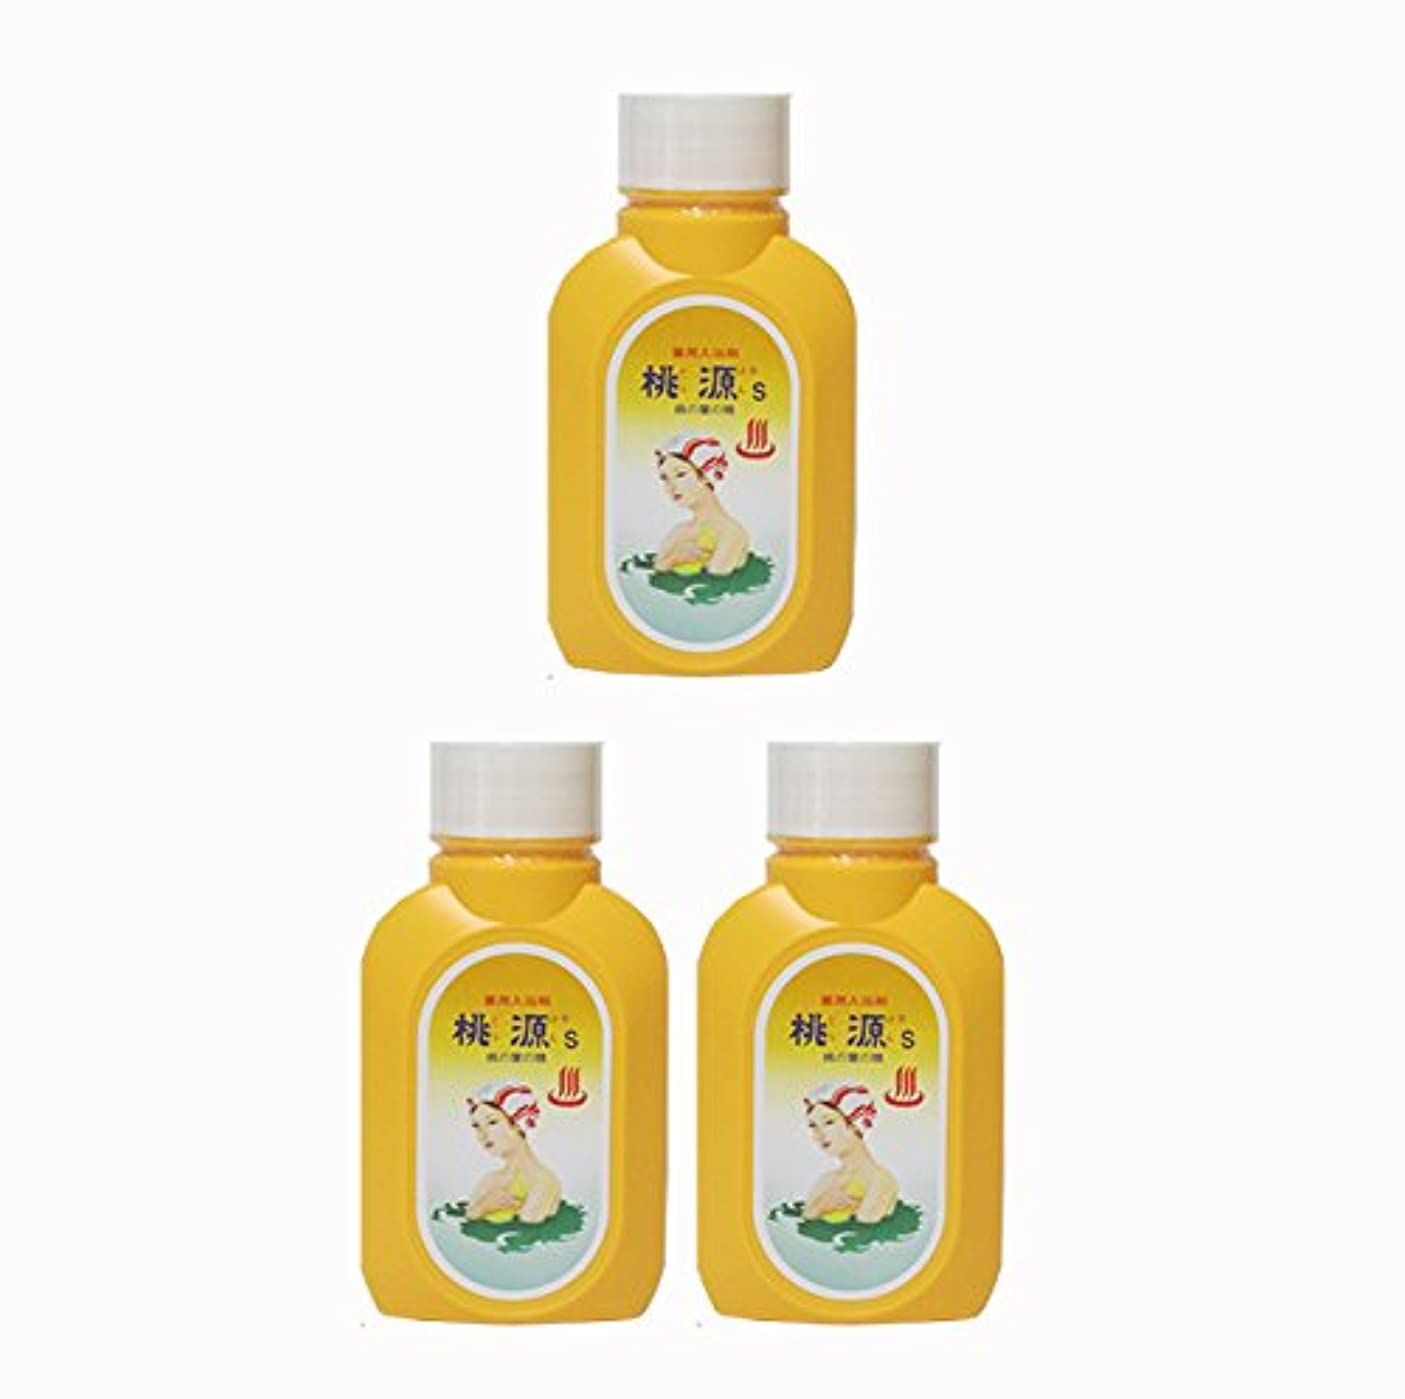 一般化するファンタジーメナジェリー桃源S 桃の葉の精 700g (オレンジ) 3個 (とうげんs)